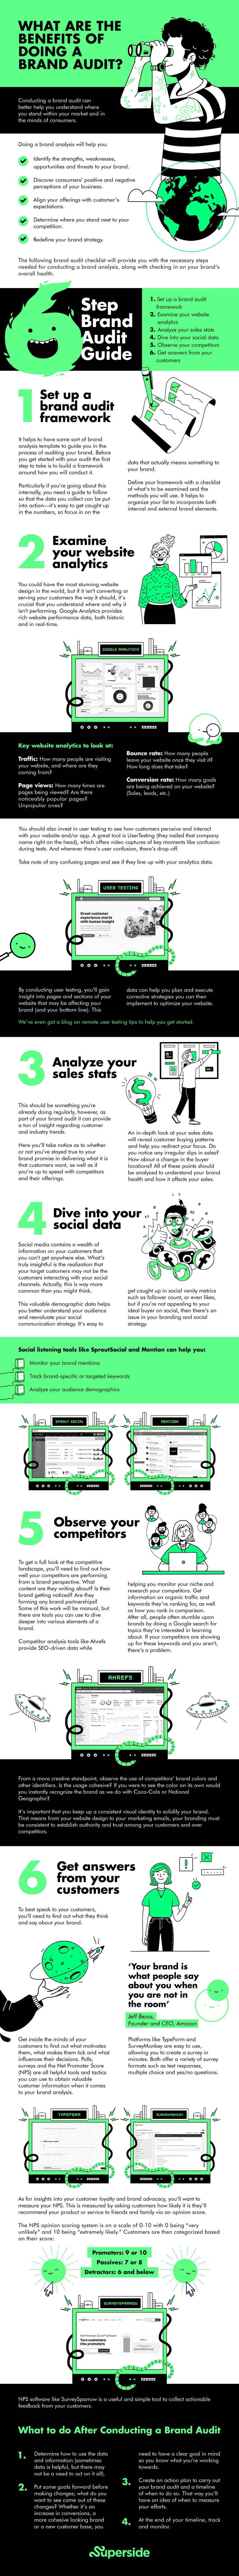 Brand audit tips